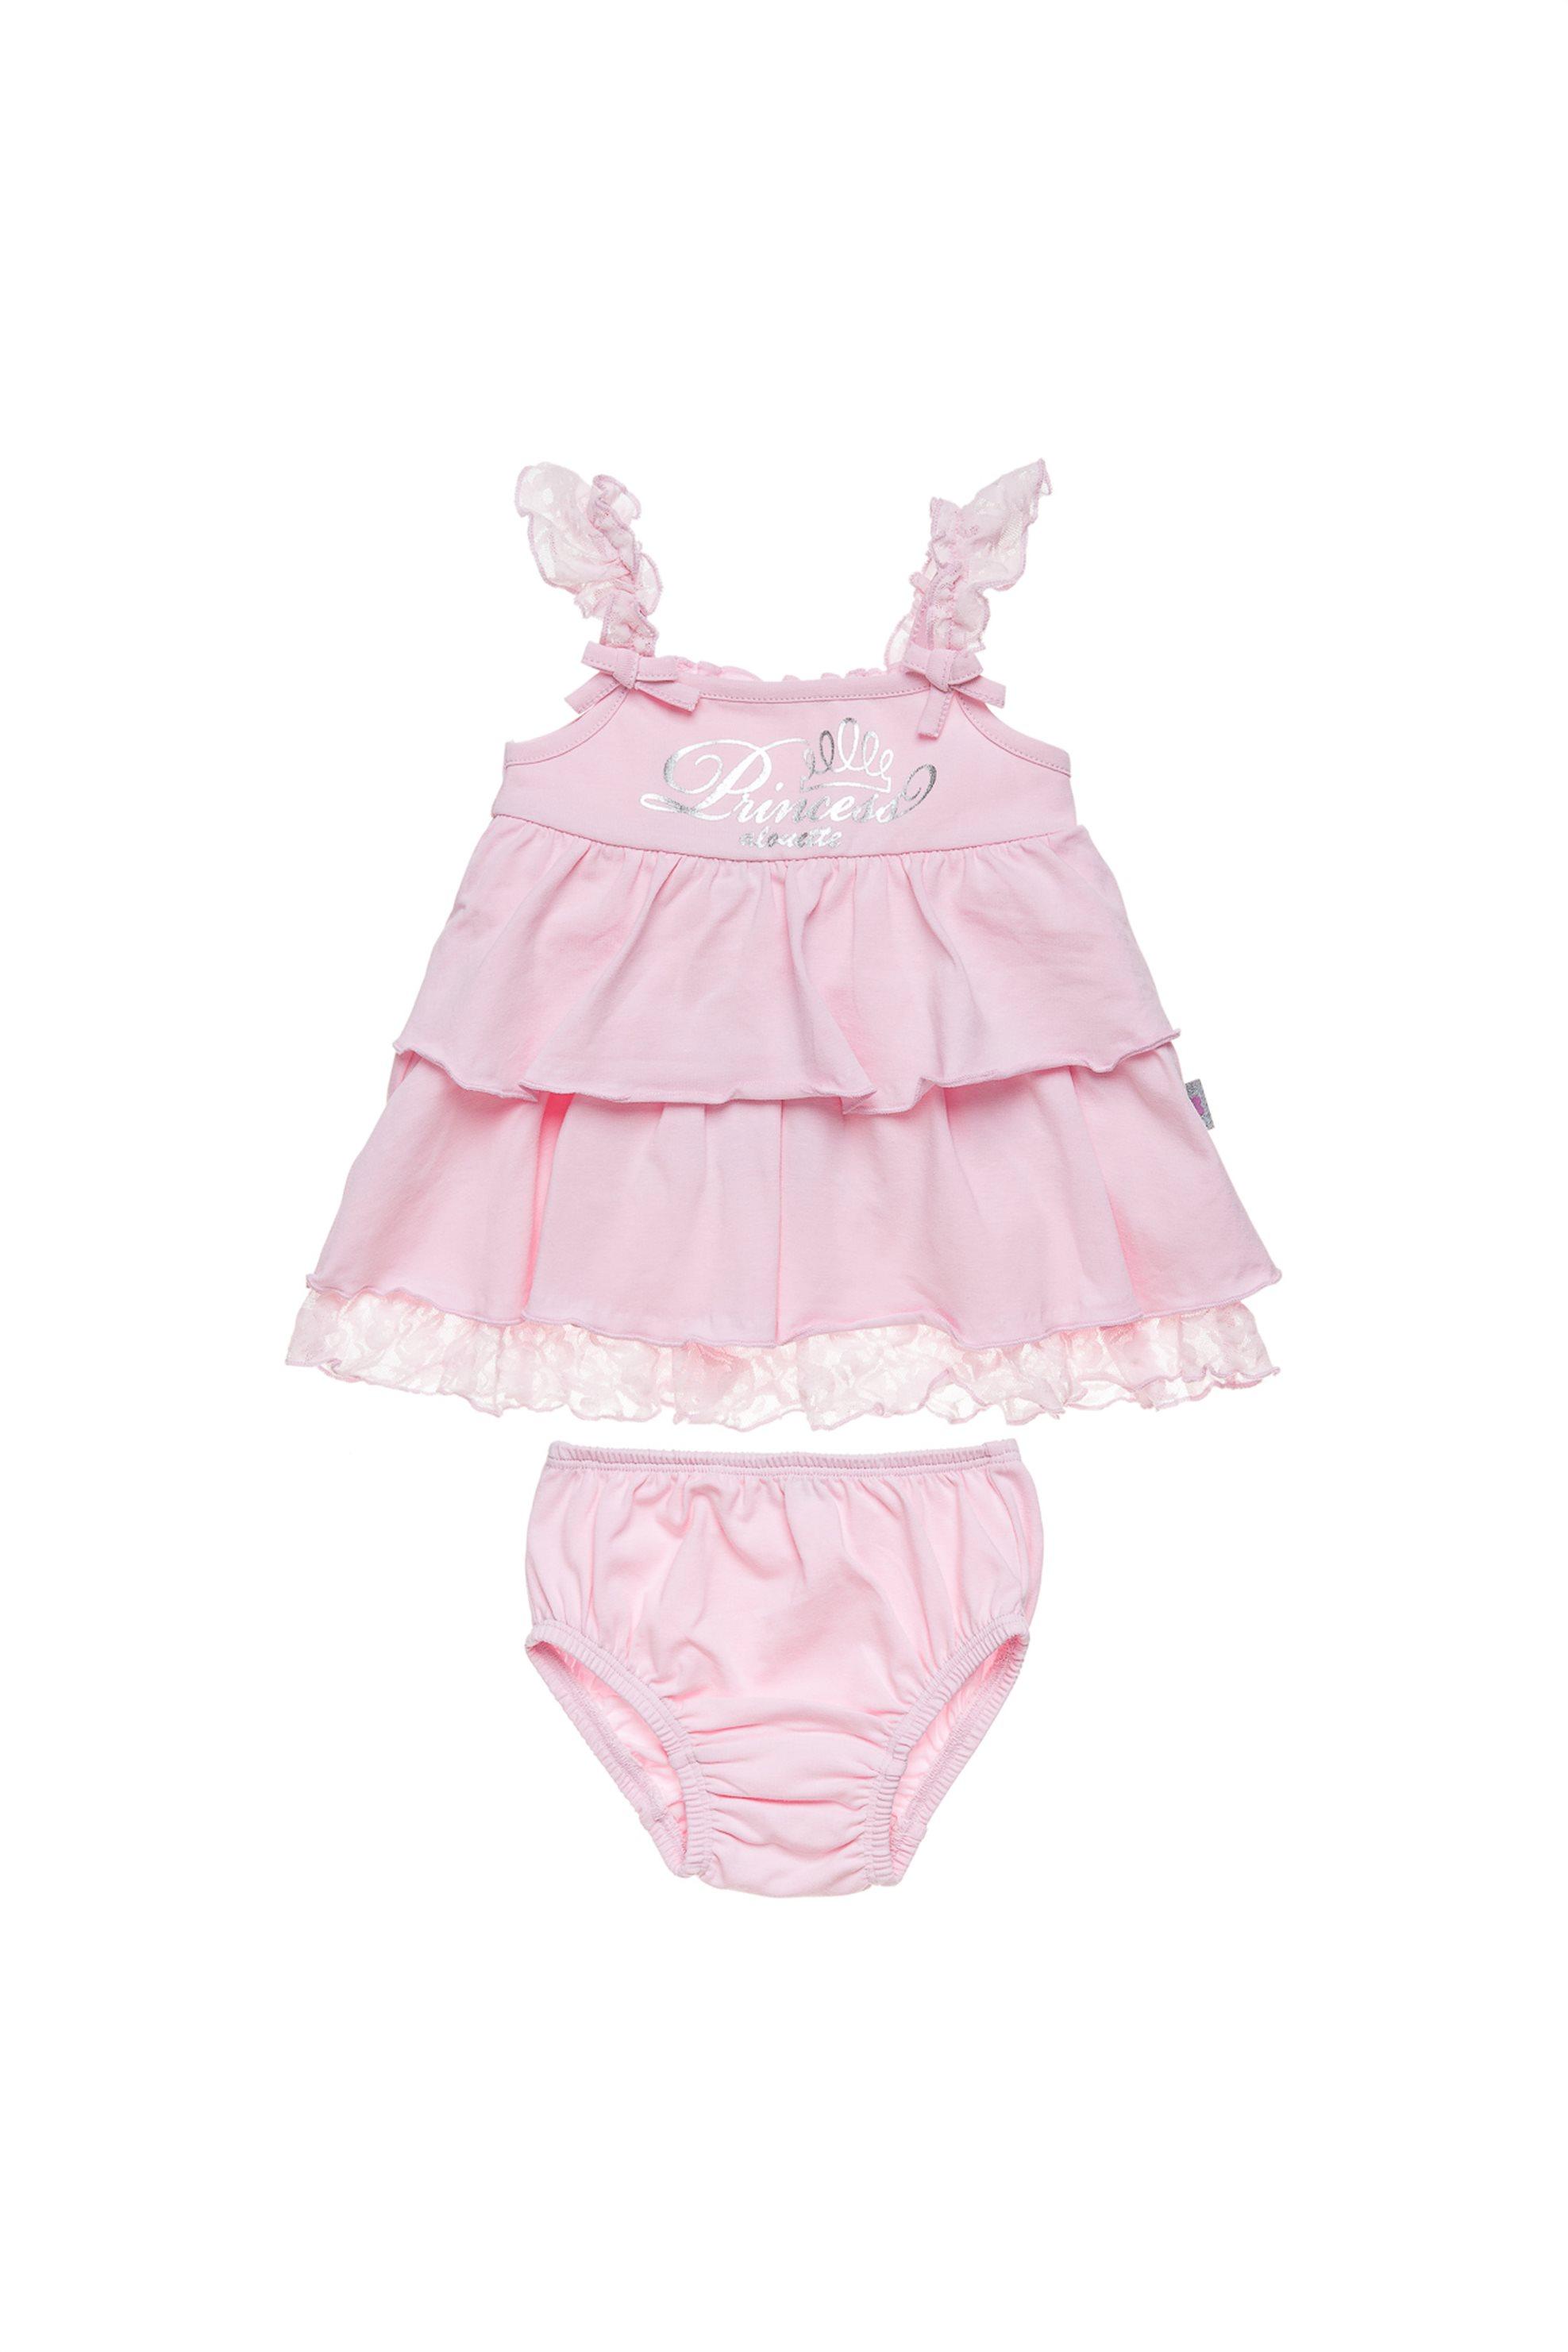 Βρεφικό φόρεμα με δαντέλα και ασορτί βρακάκι Alouette - 00440540 - Ροζ παιδι   βρεφικα κοριτσι   0 3 ετων   ρούχα   φορέματα   φούστες